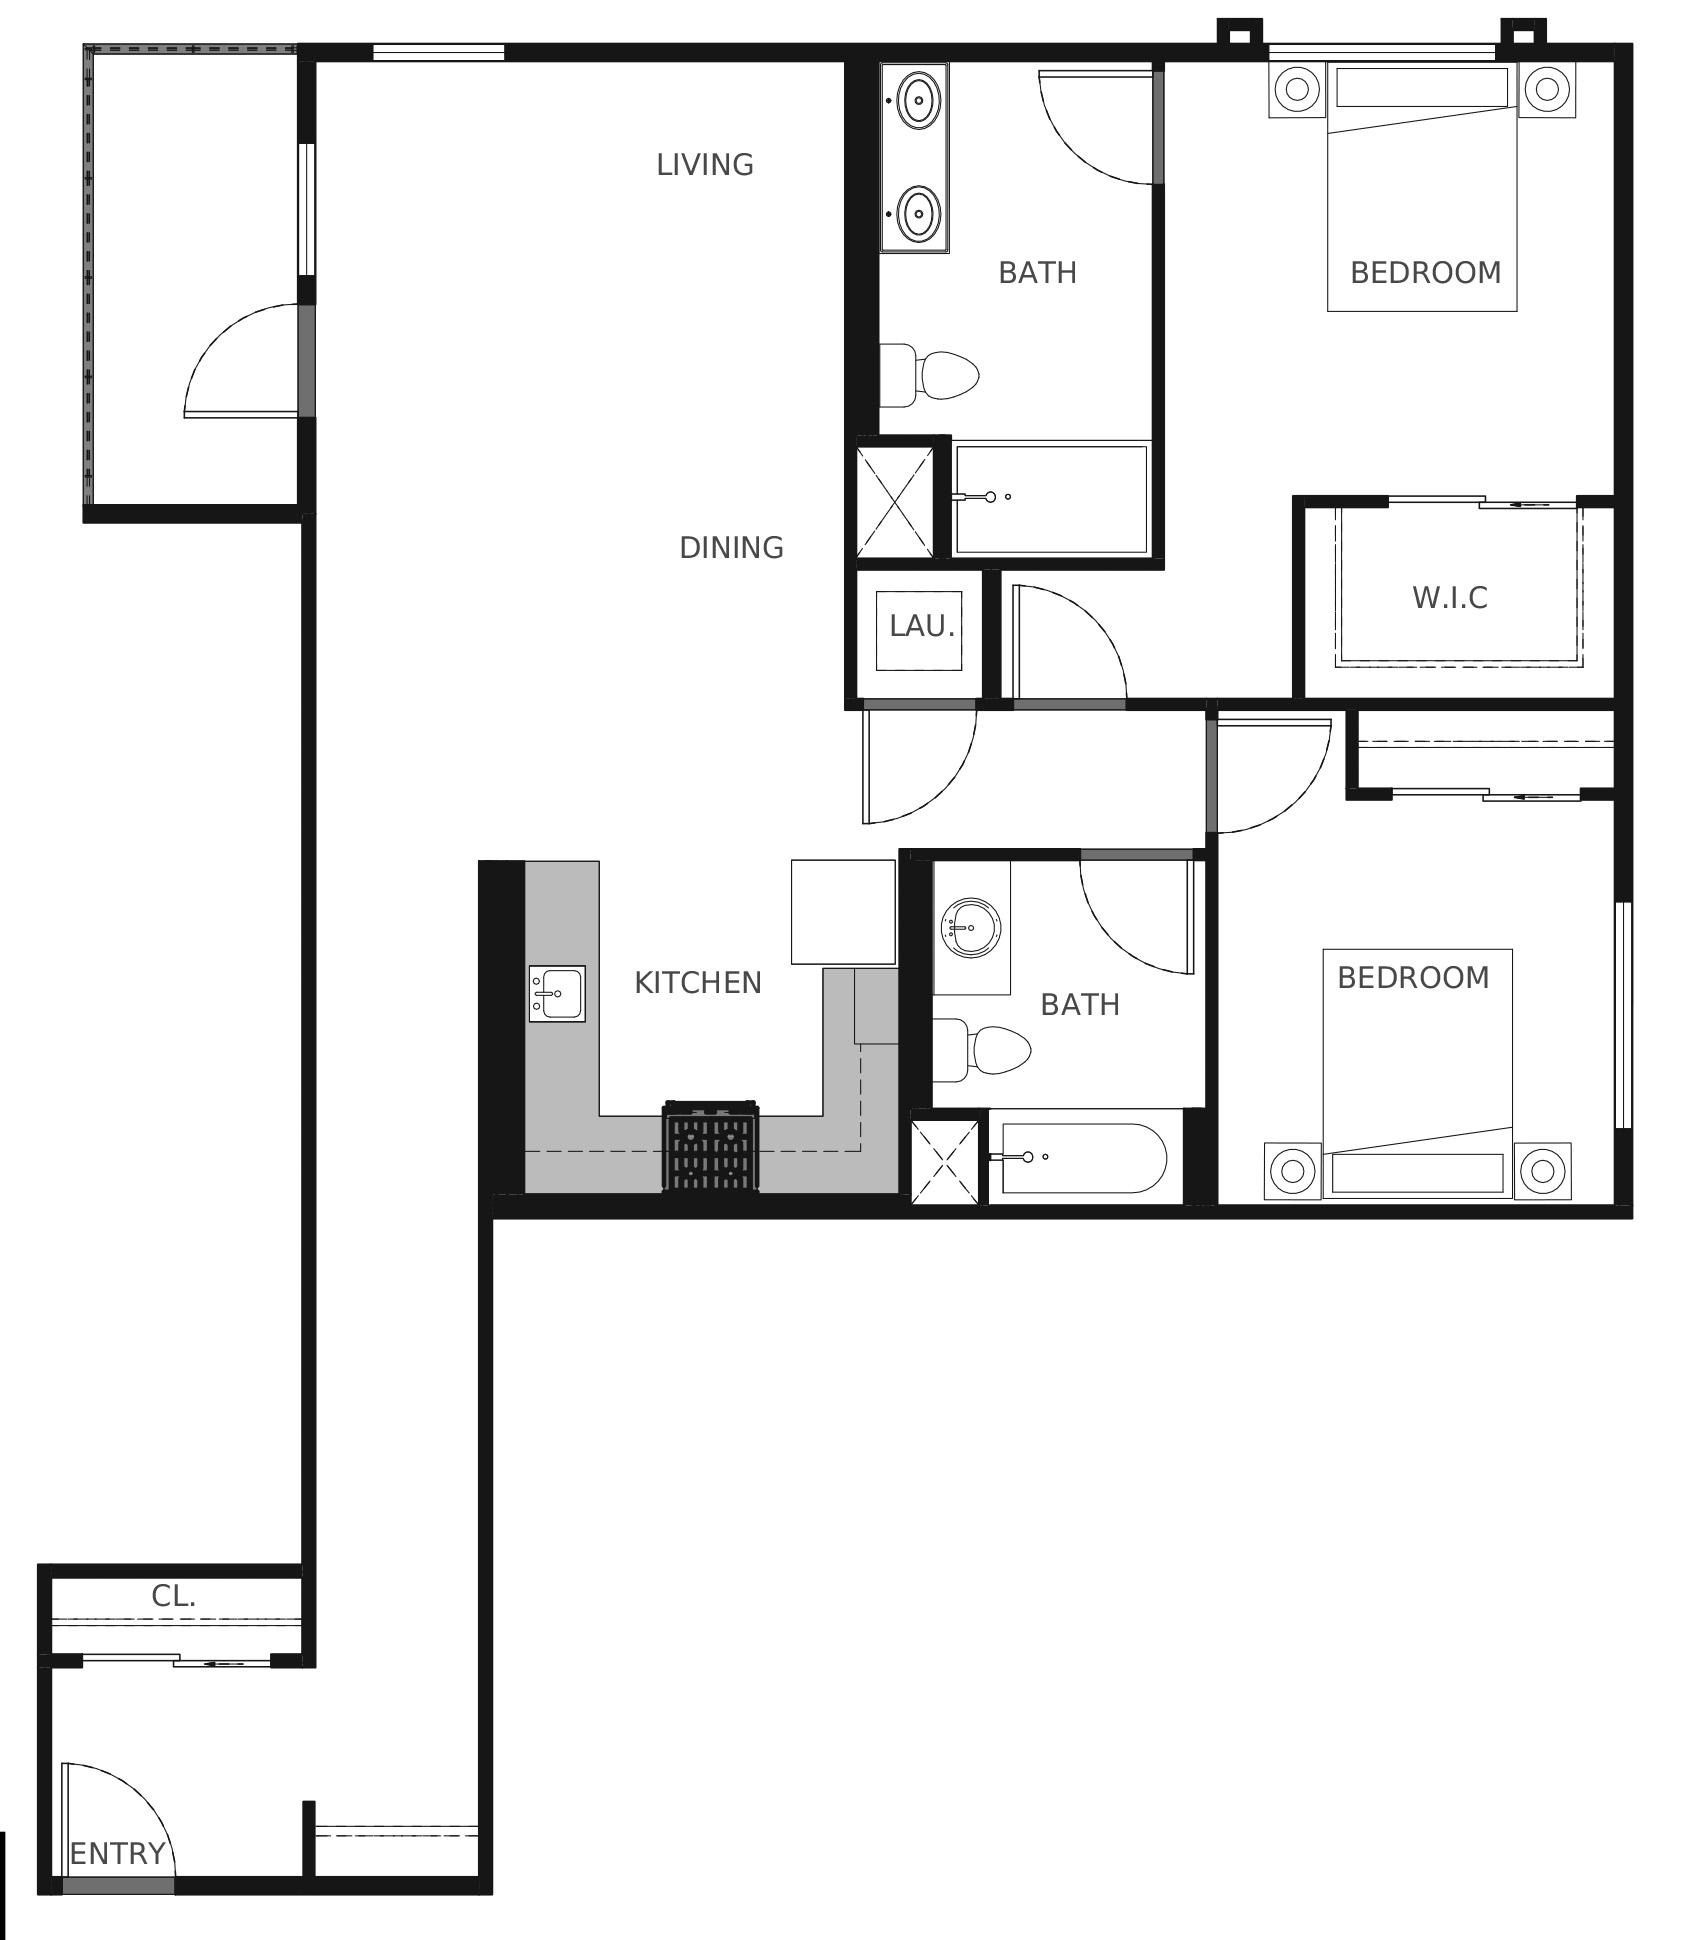 Plan B4 - 1,148 sq. ft.